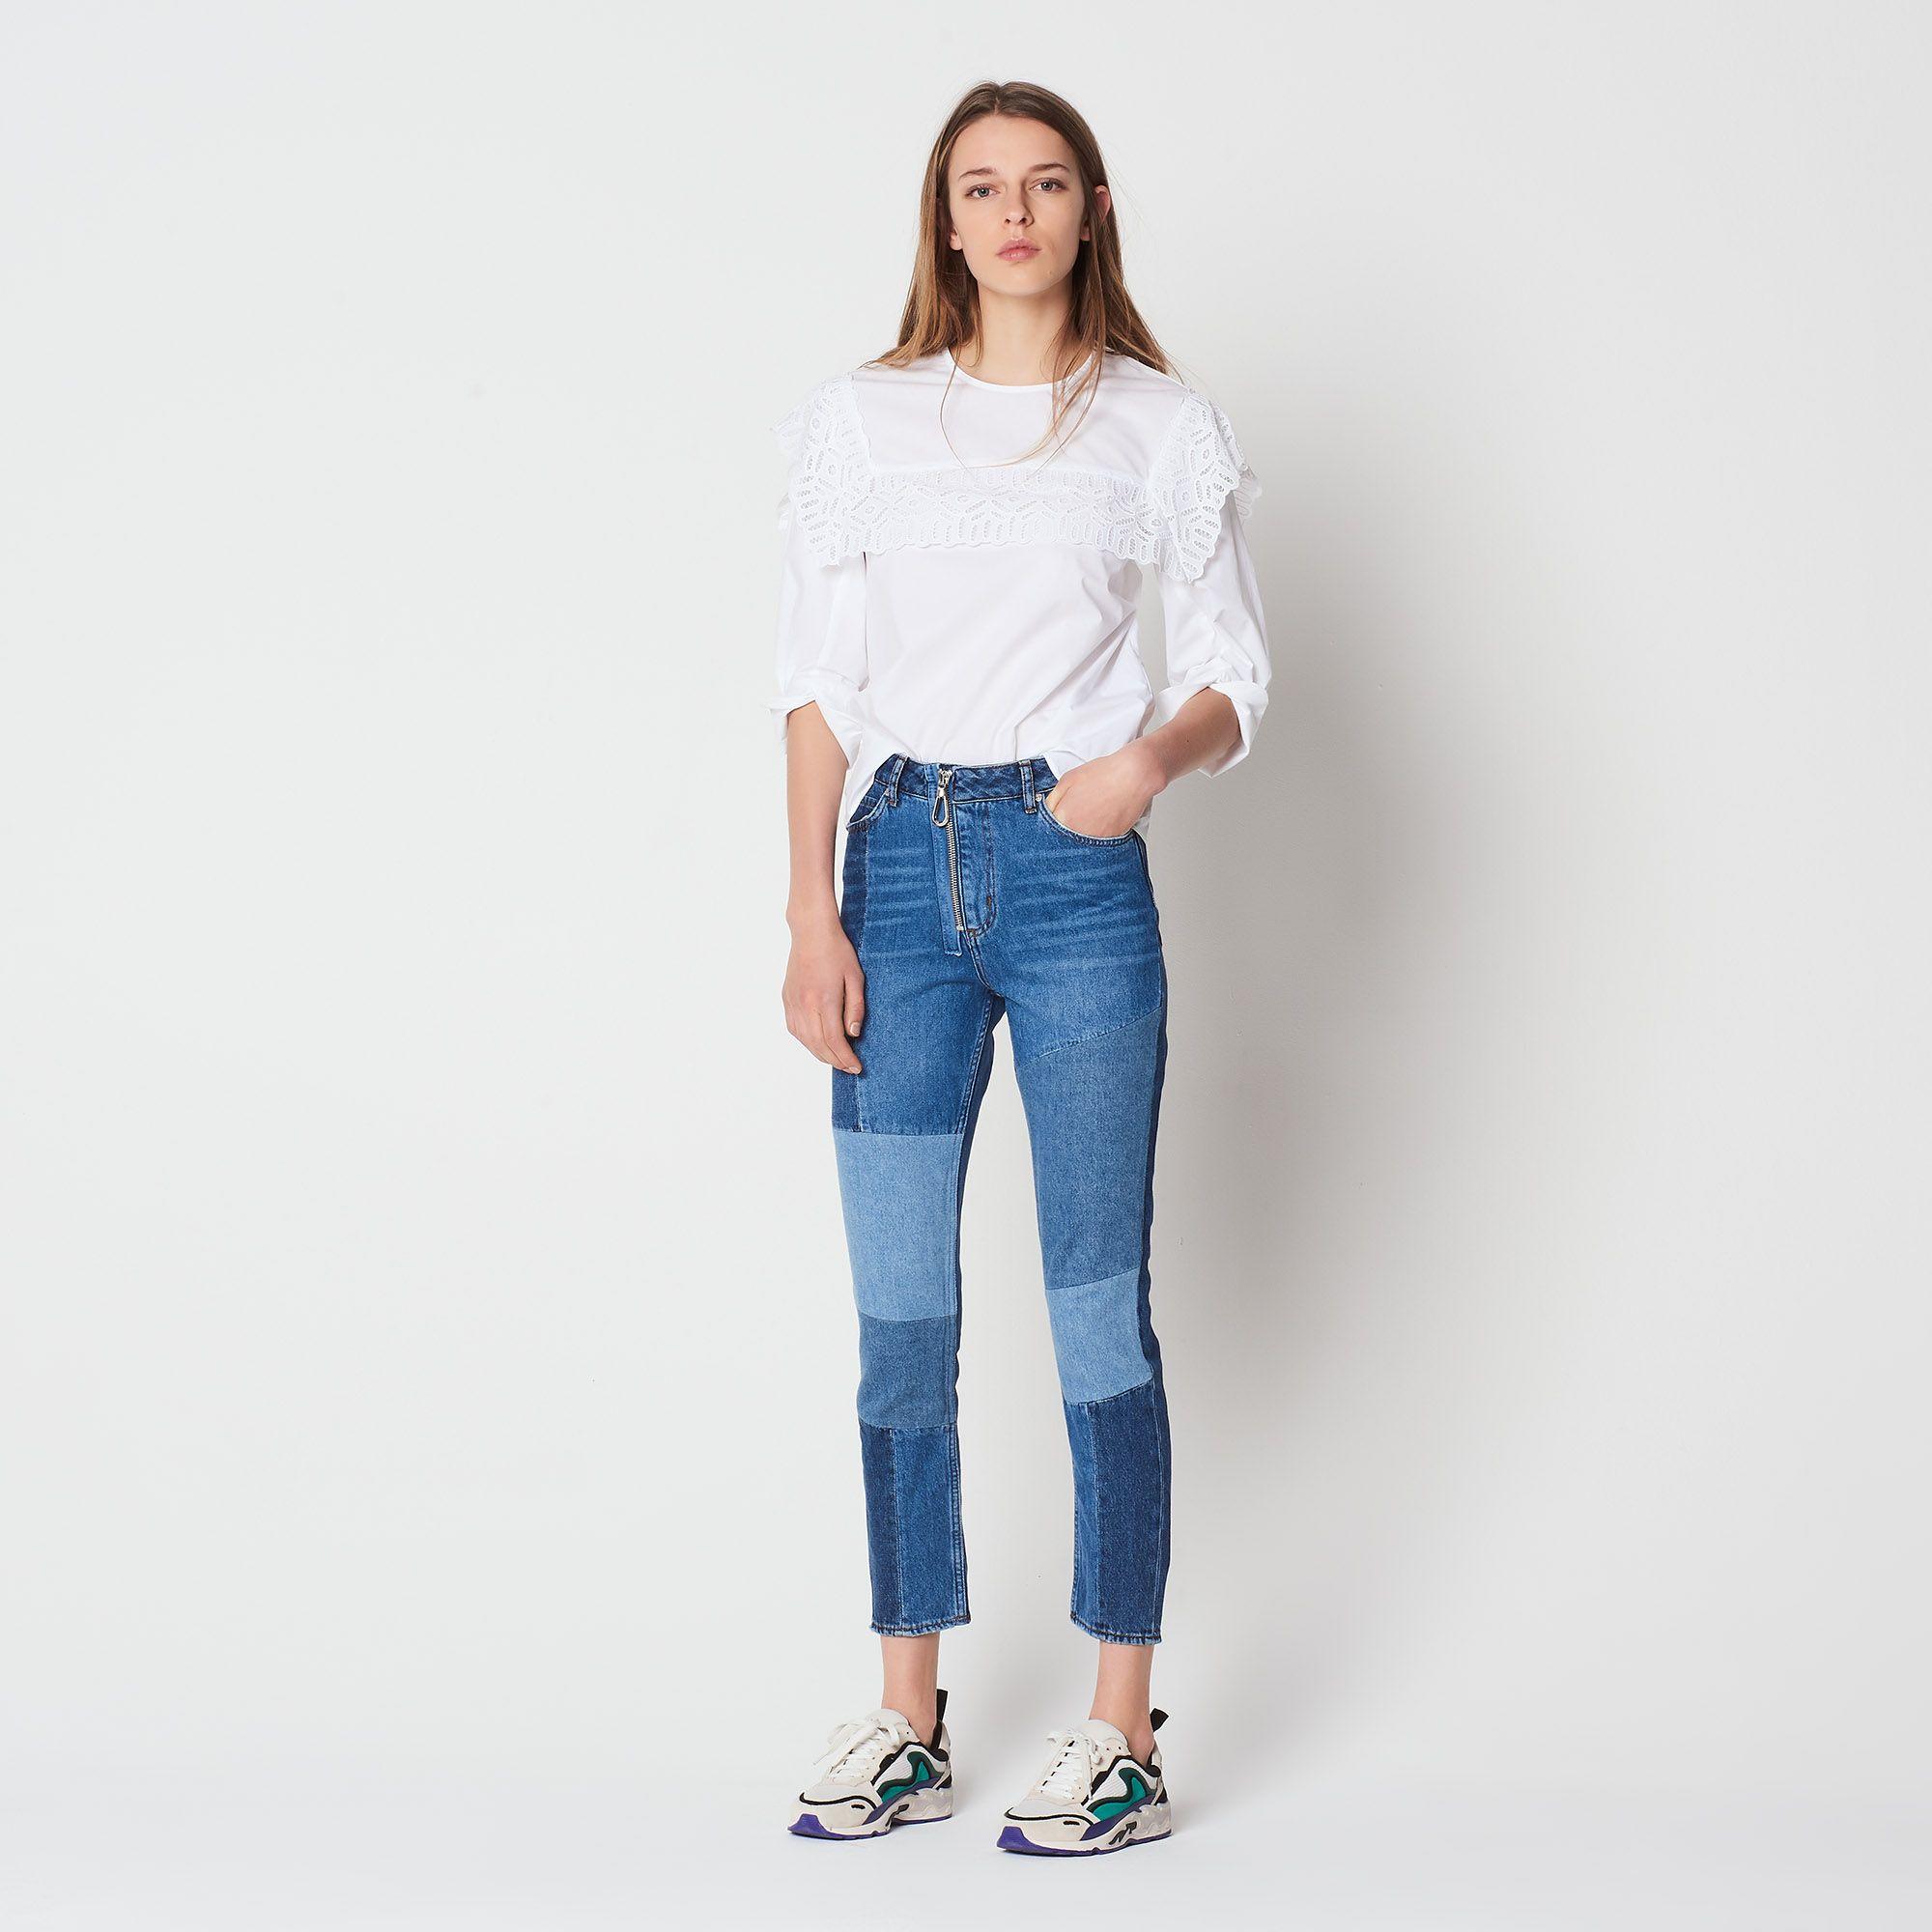 ae8f3cc42b3a Patchwork cotton jeans with zip - Jeans - Sandro-paris.com | denim ...